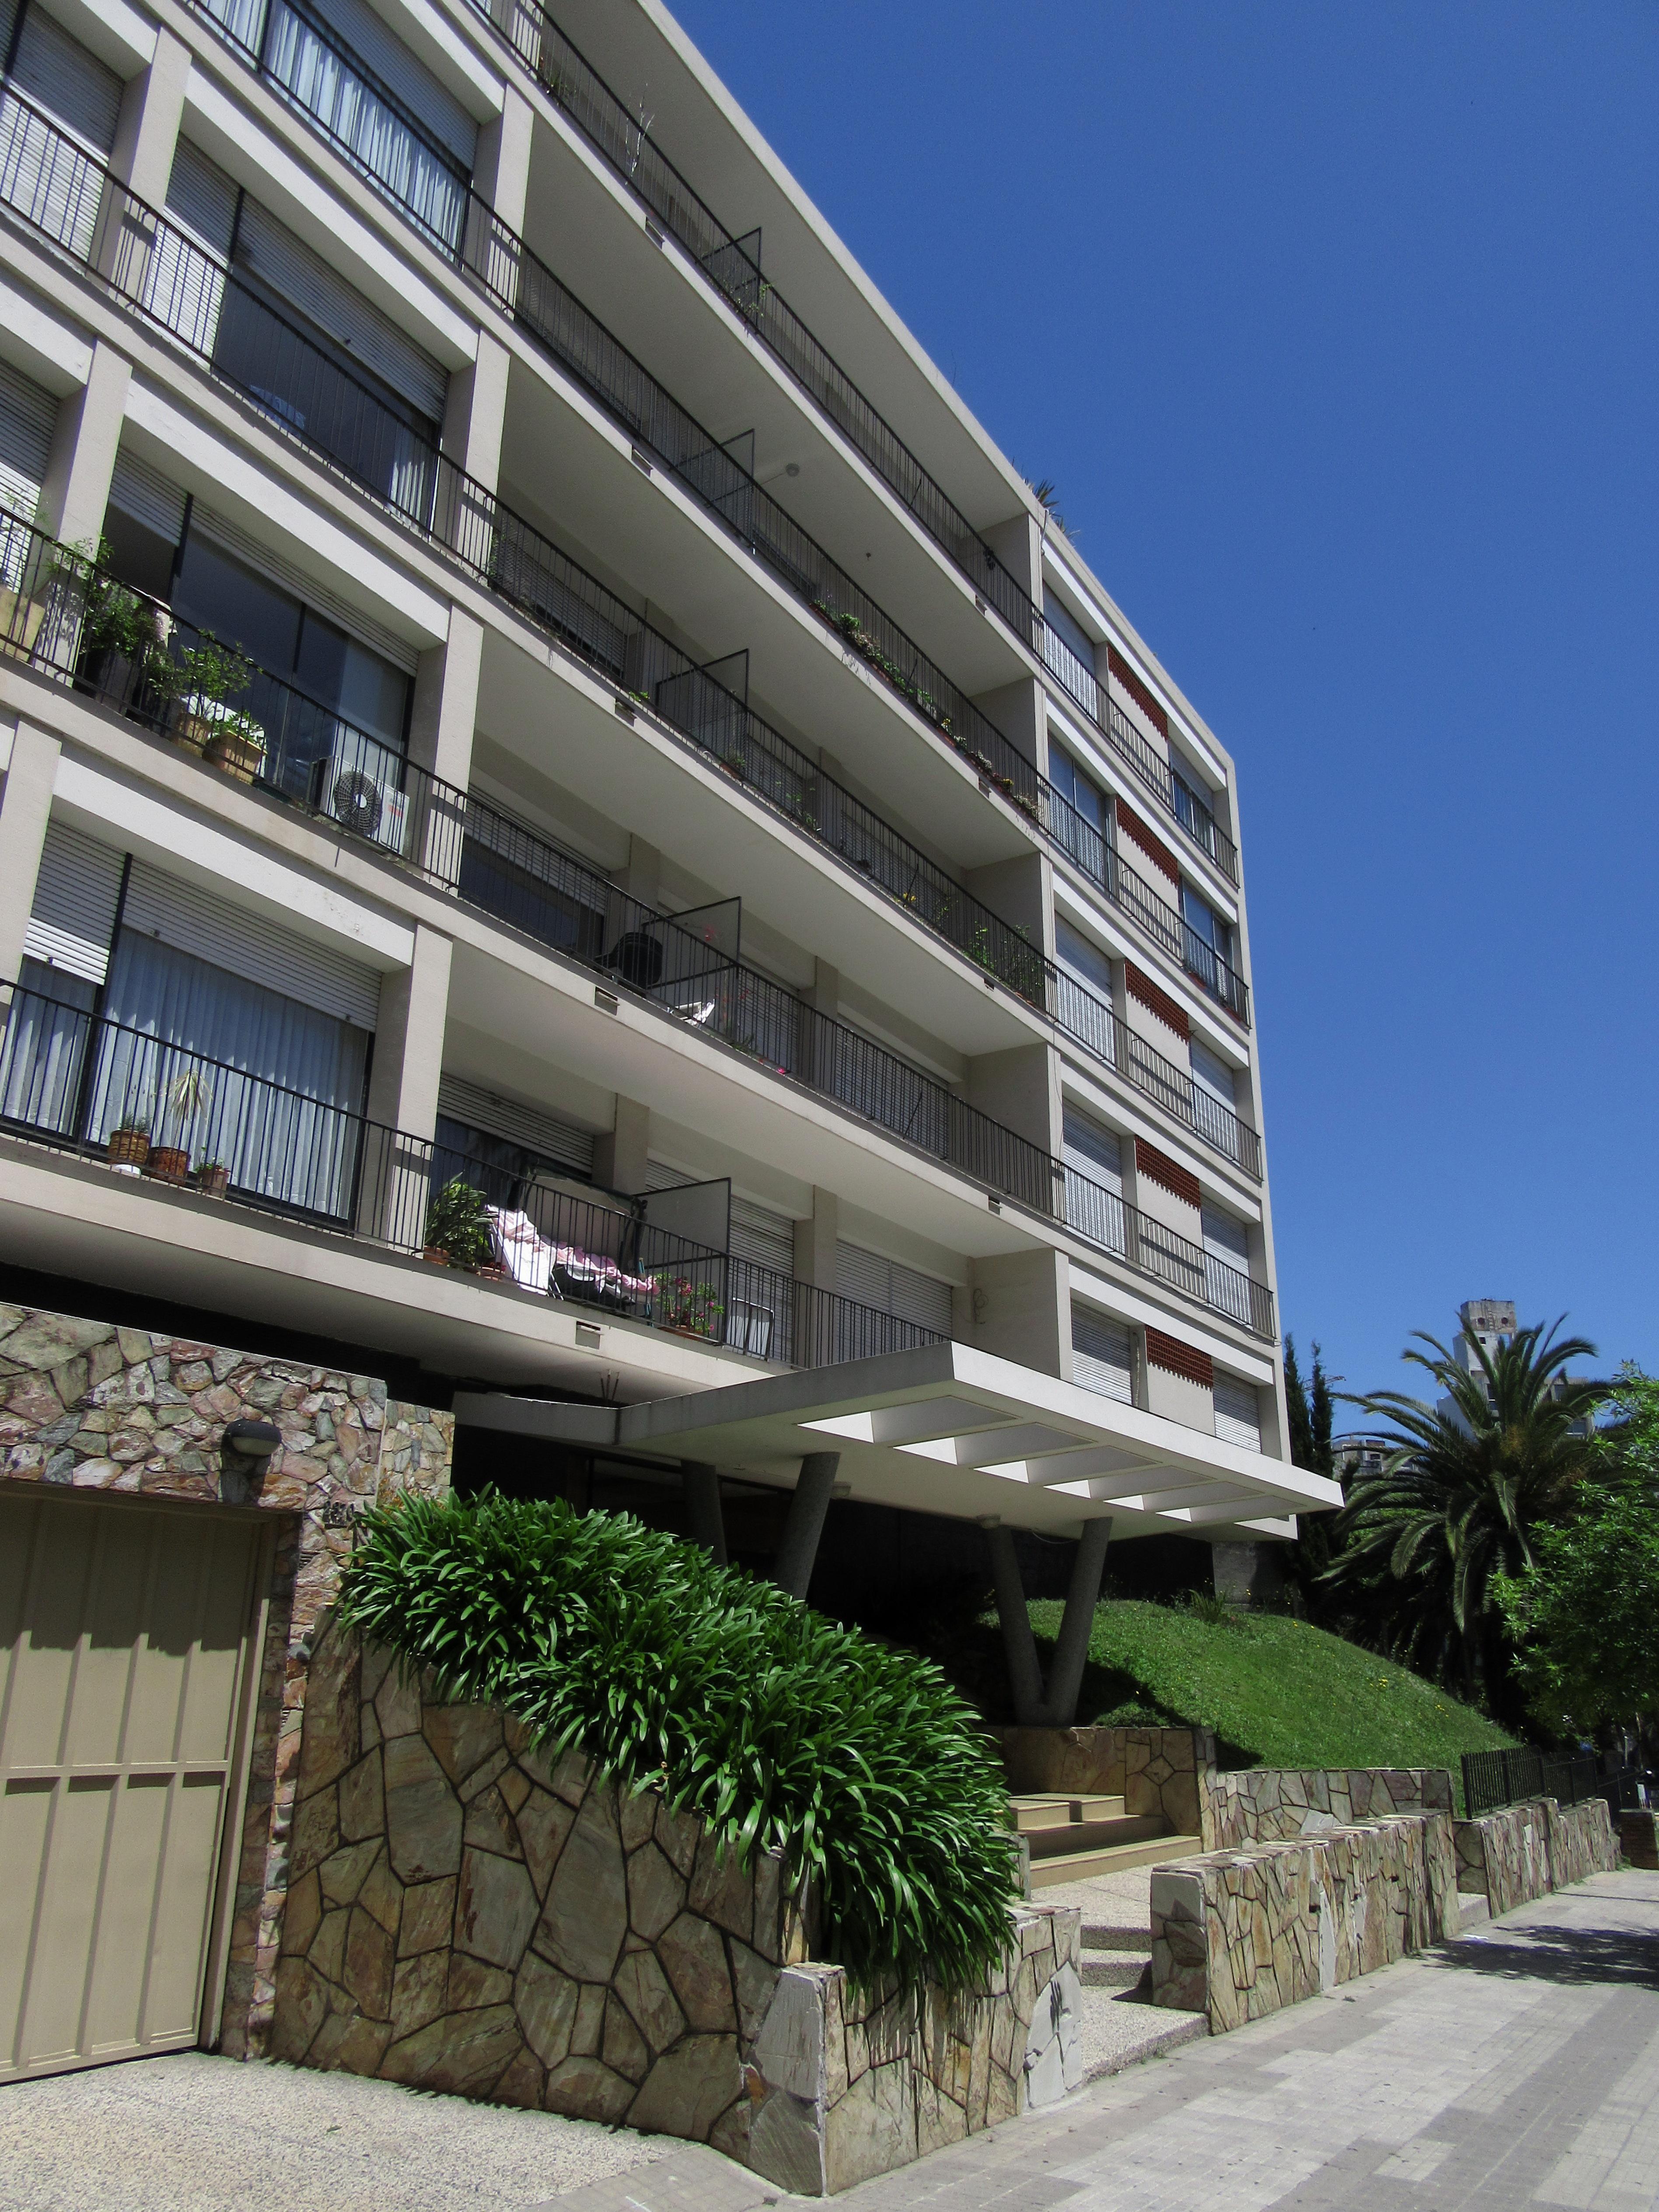 Fachadas de edificios modernos orkde apartmani edificios for Fachadas edificios modernos